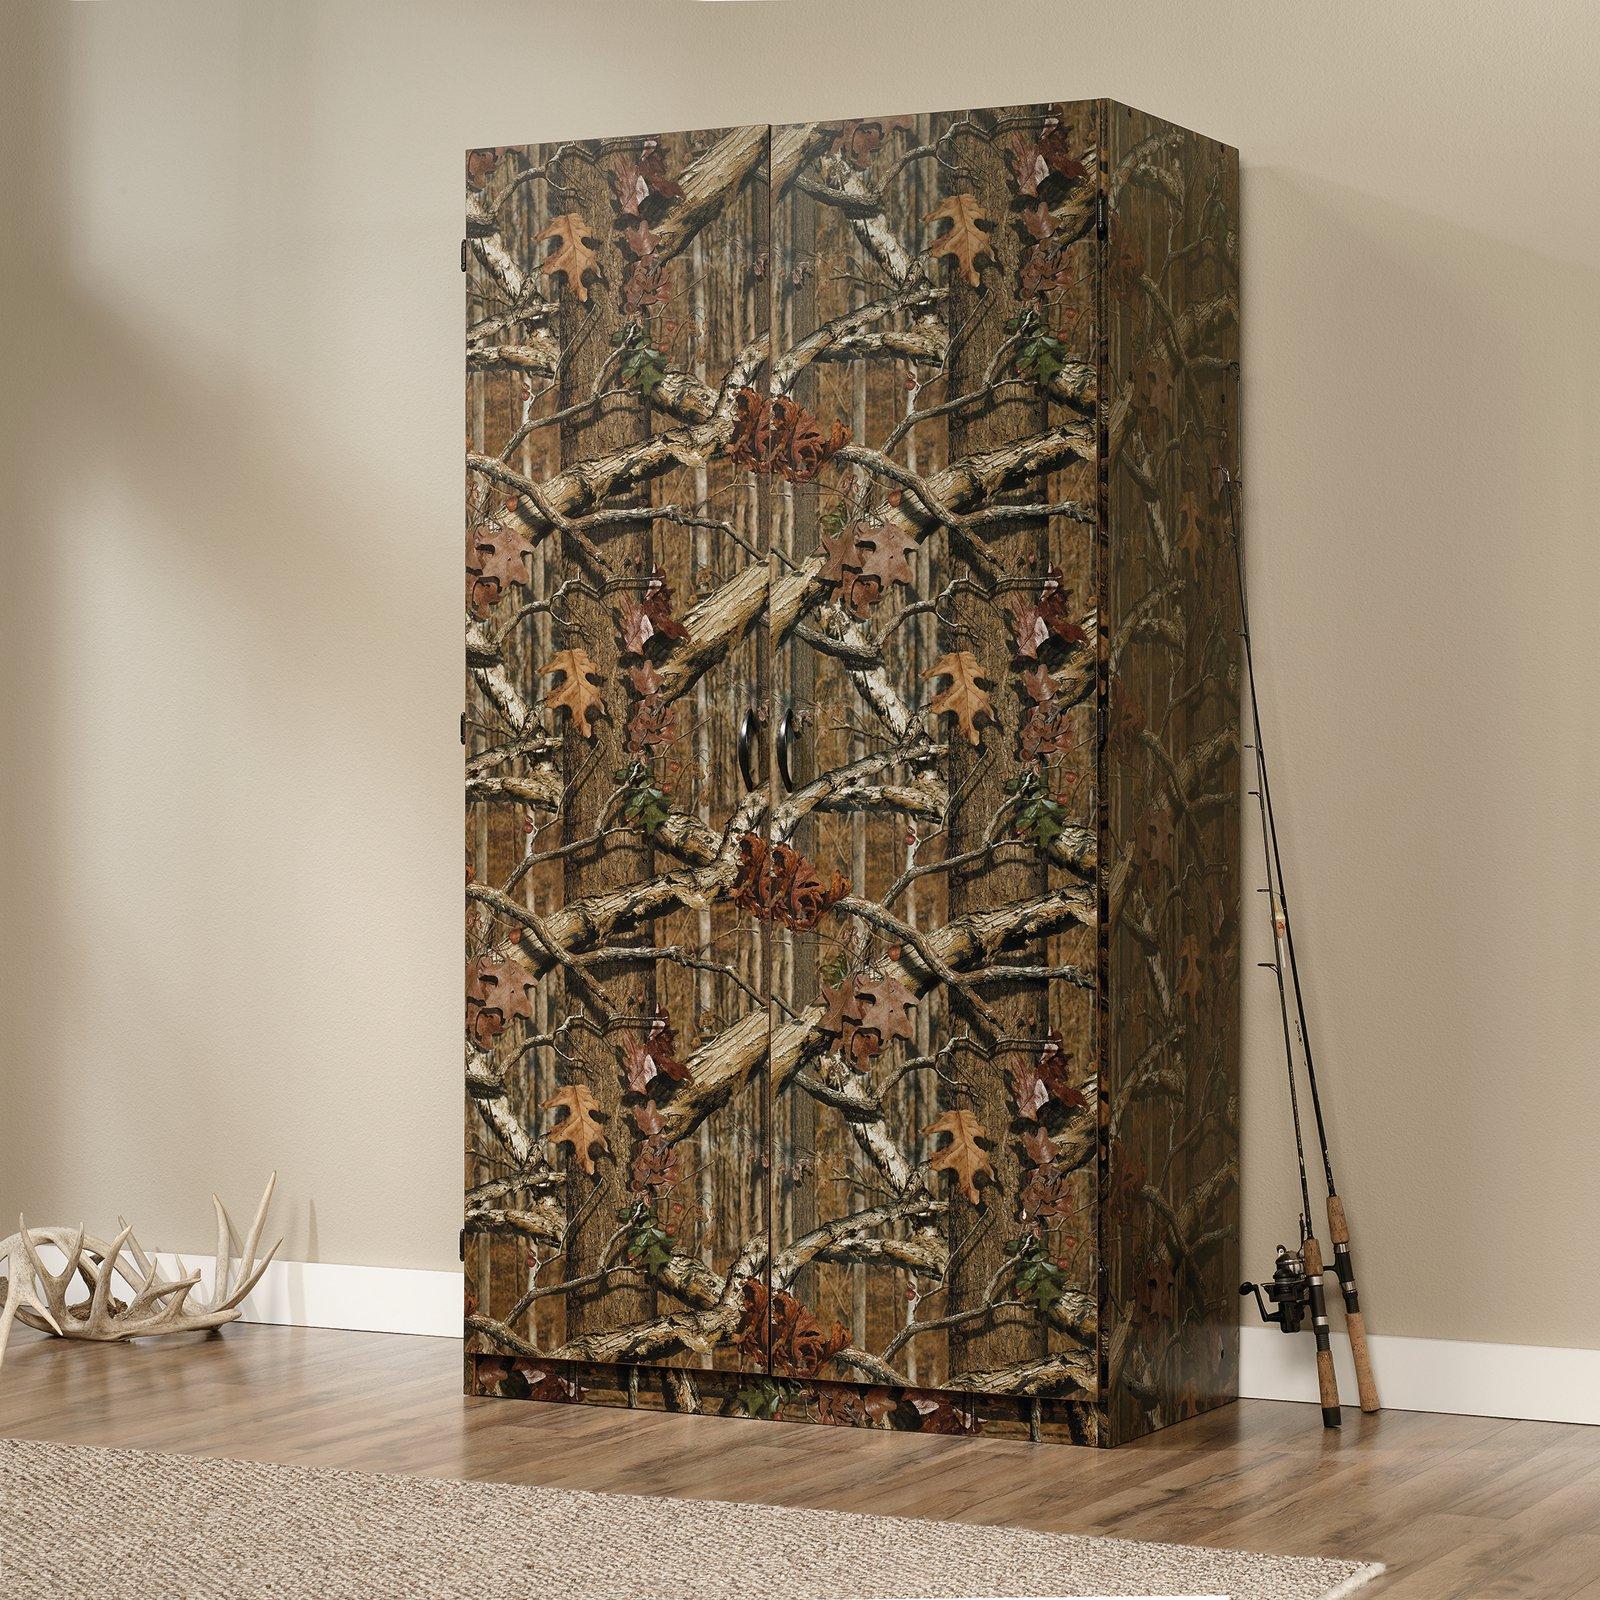 Sauder Wardrobe / Storage Cabinet - Highland Oak